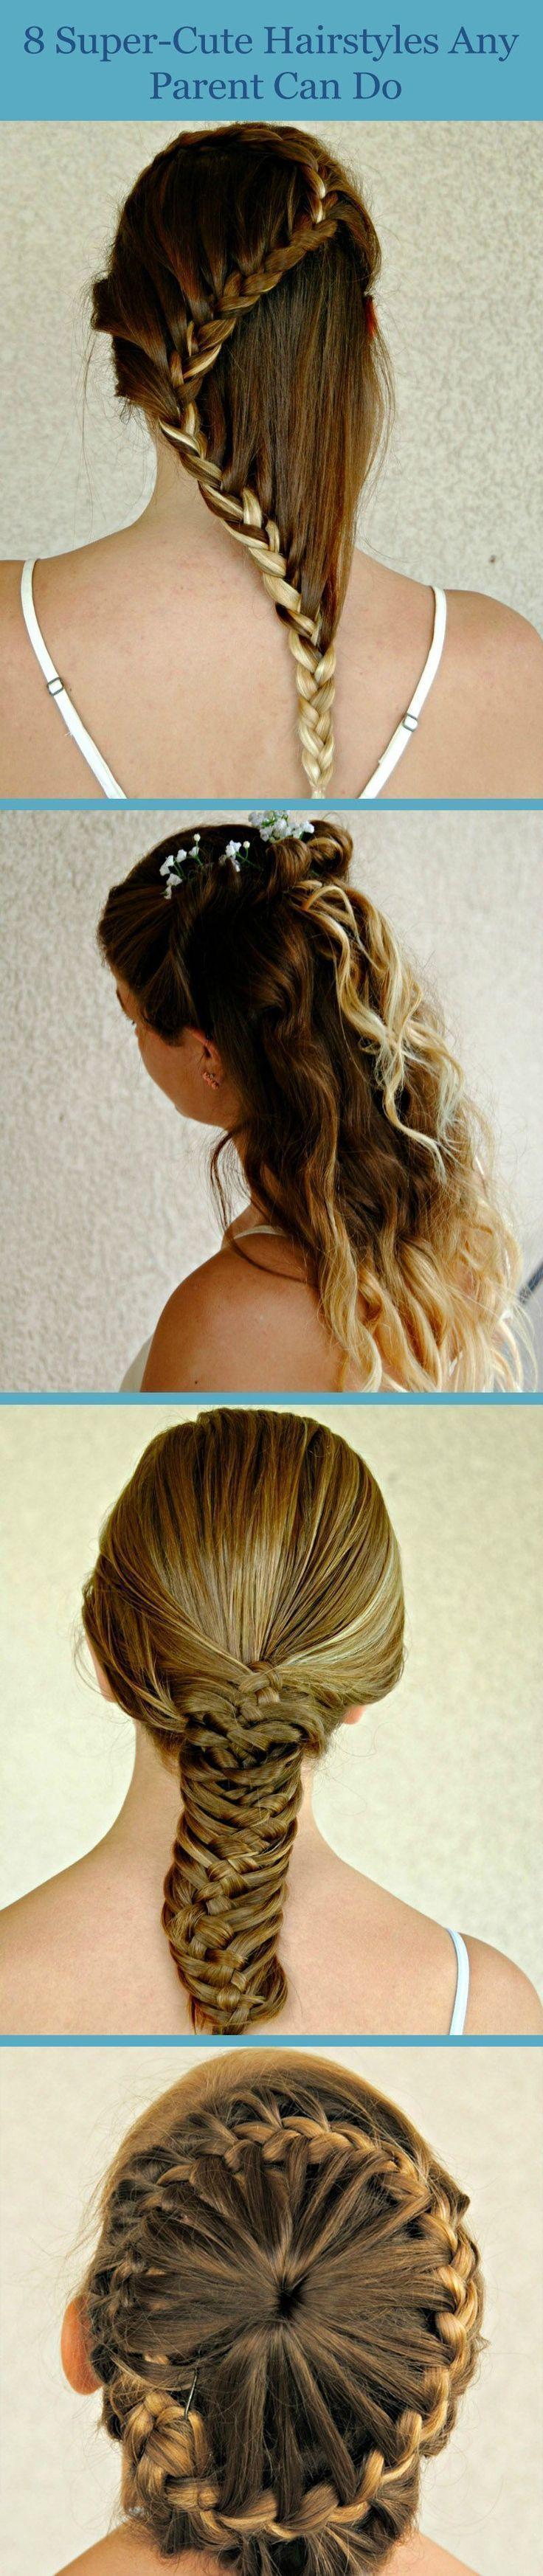 8 SuperCute-Frisuren, die sich jedes Elternteil selbst machen kann